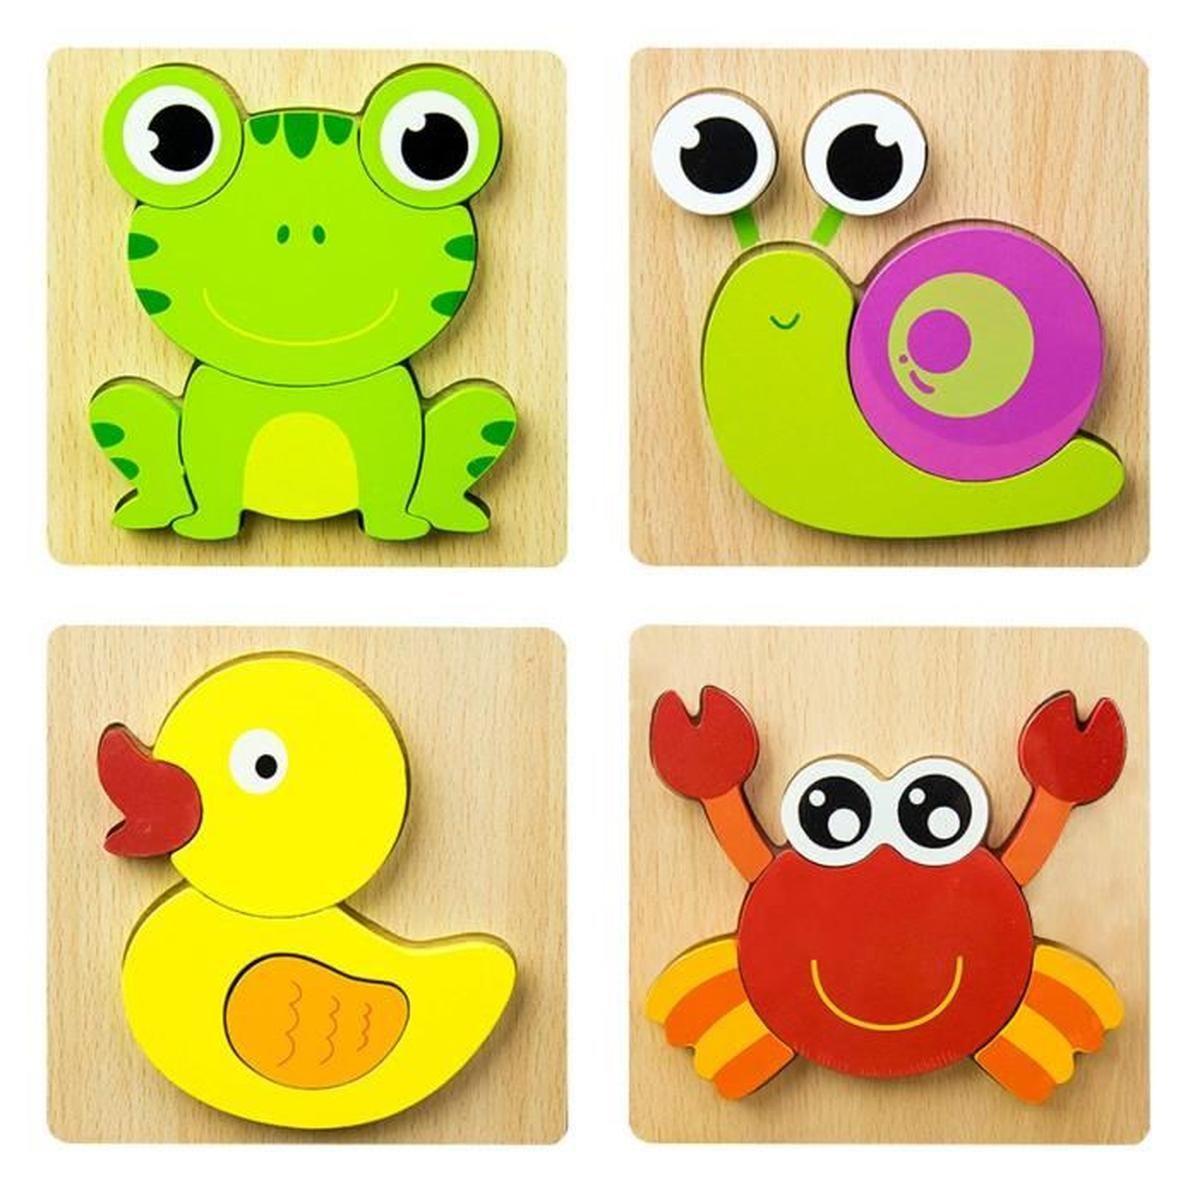 4Pcs Jouet Bebe - Puzzles En Bois, Jouet Enfant 1 2 3 4 Ans intérieur Jeu Educatif 4 Ans